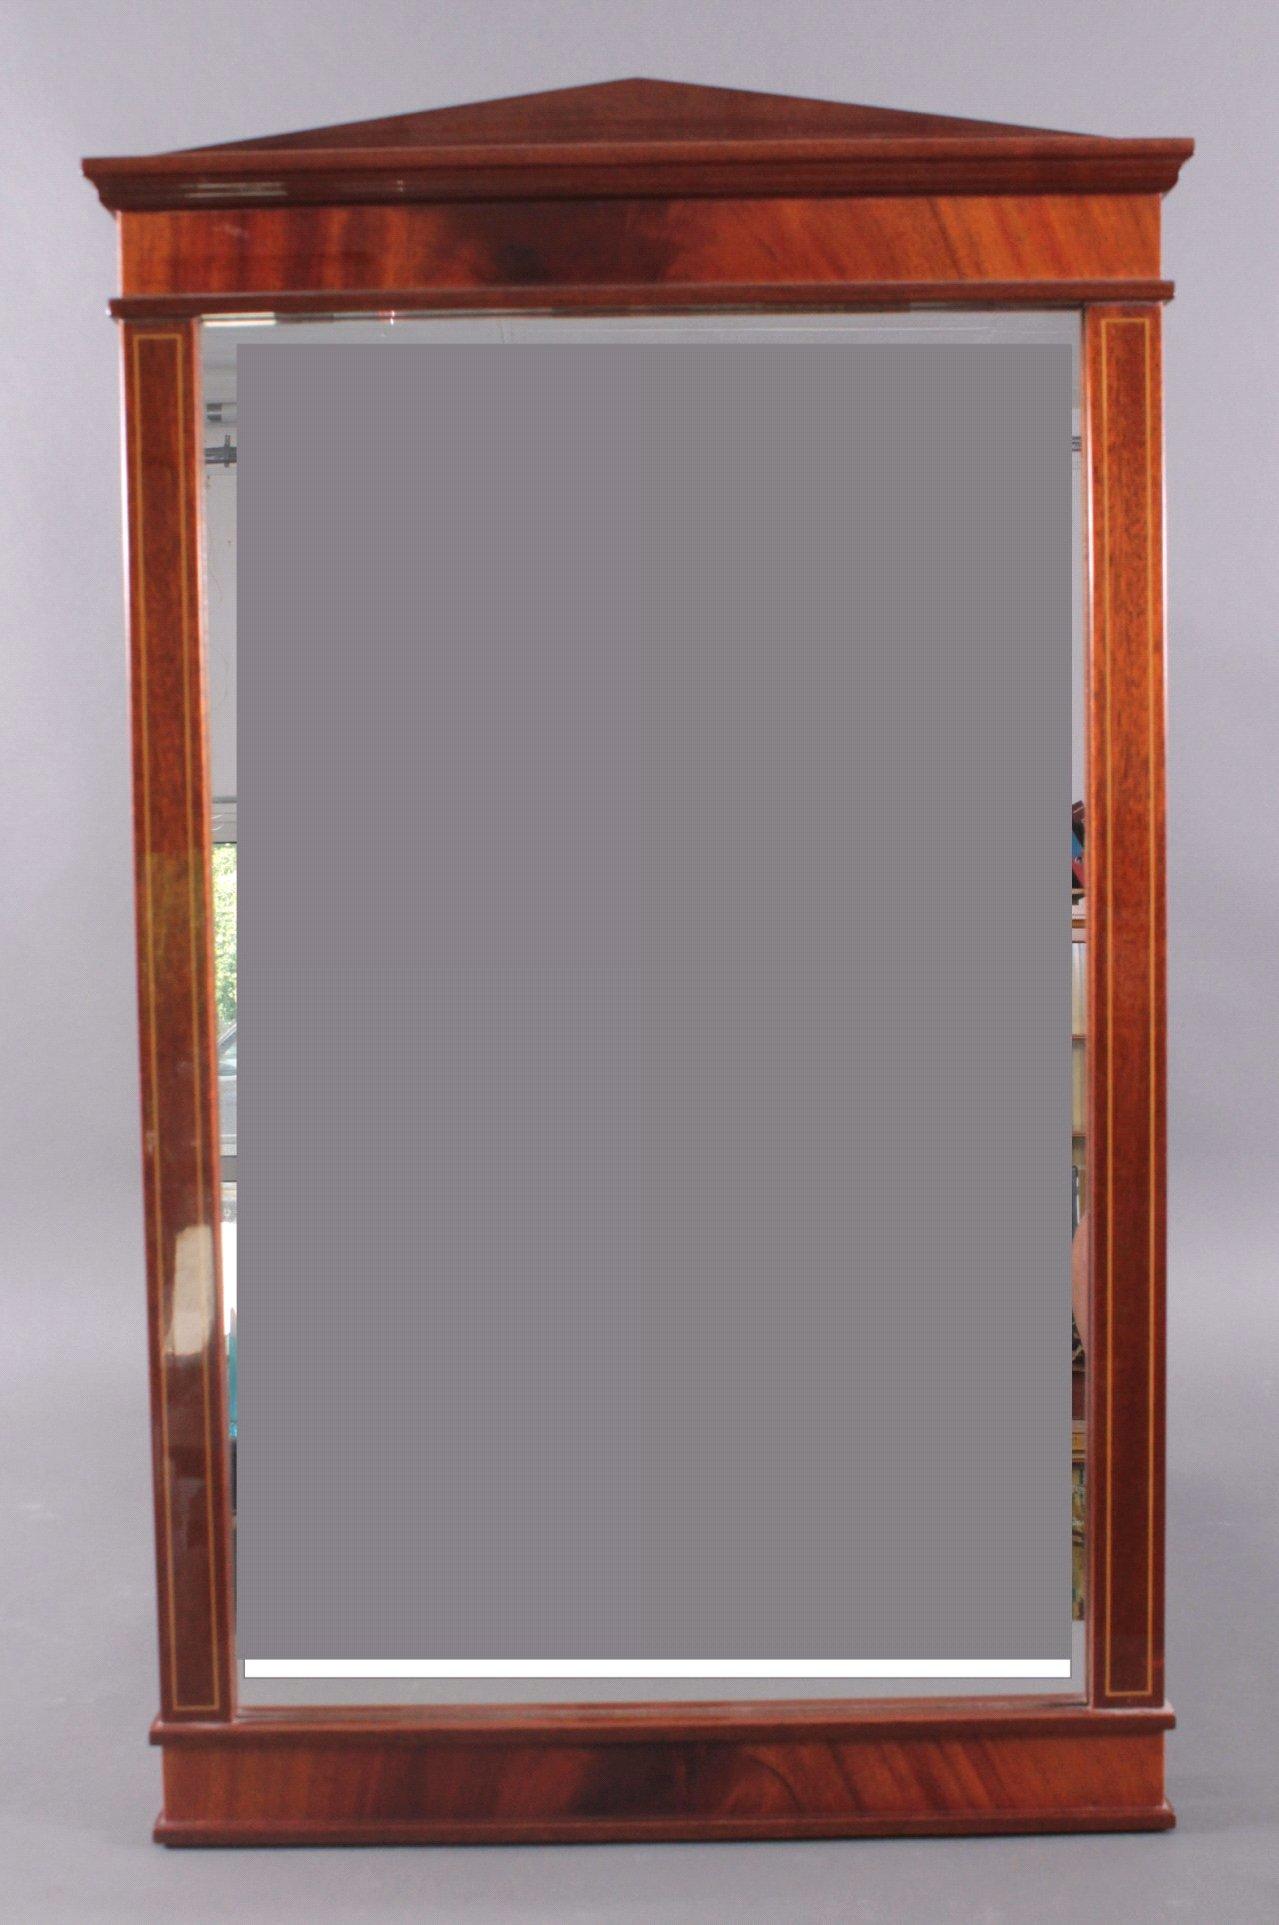 Dekorativer Wandspiegel im Empire-Stil, 20. Jh.